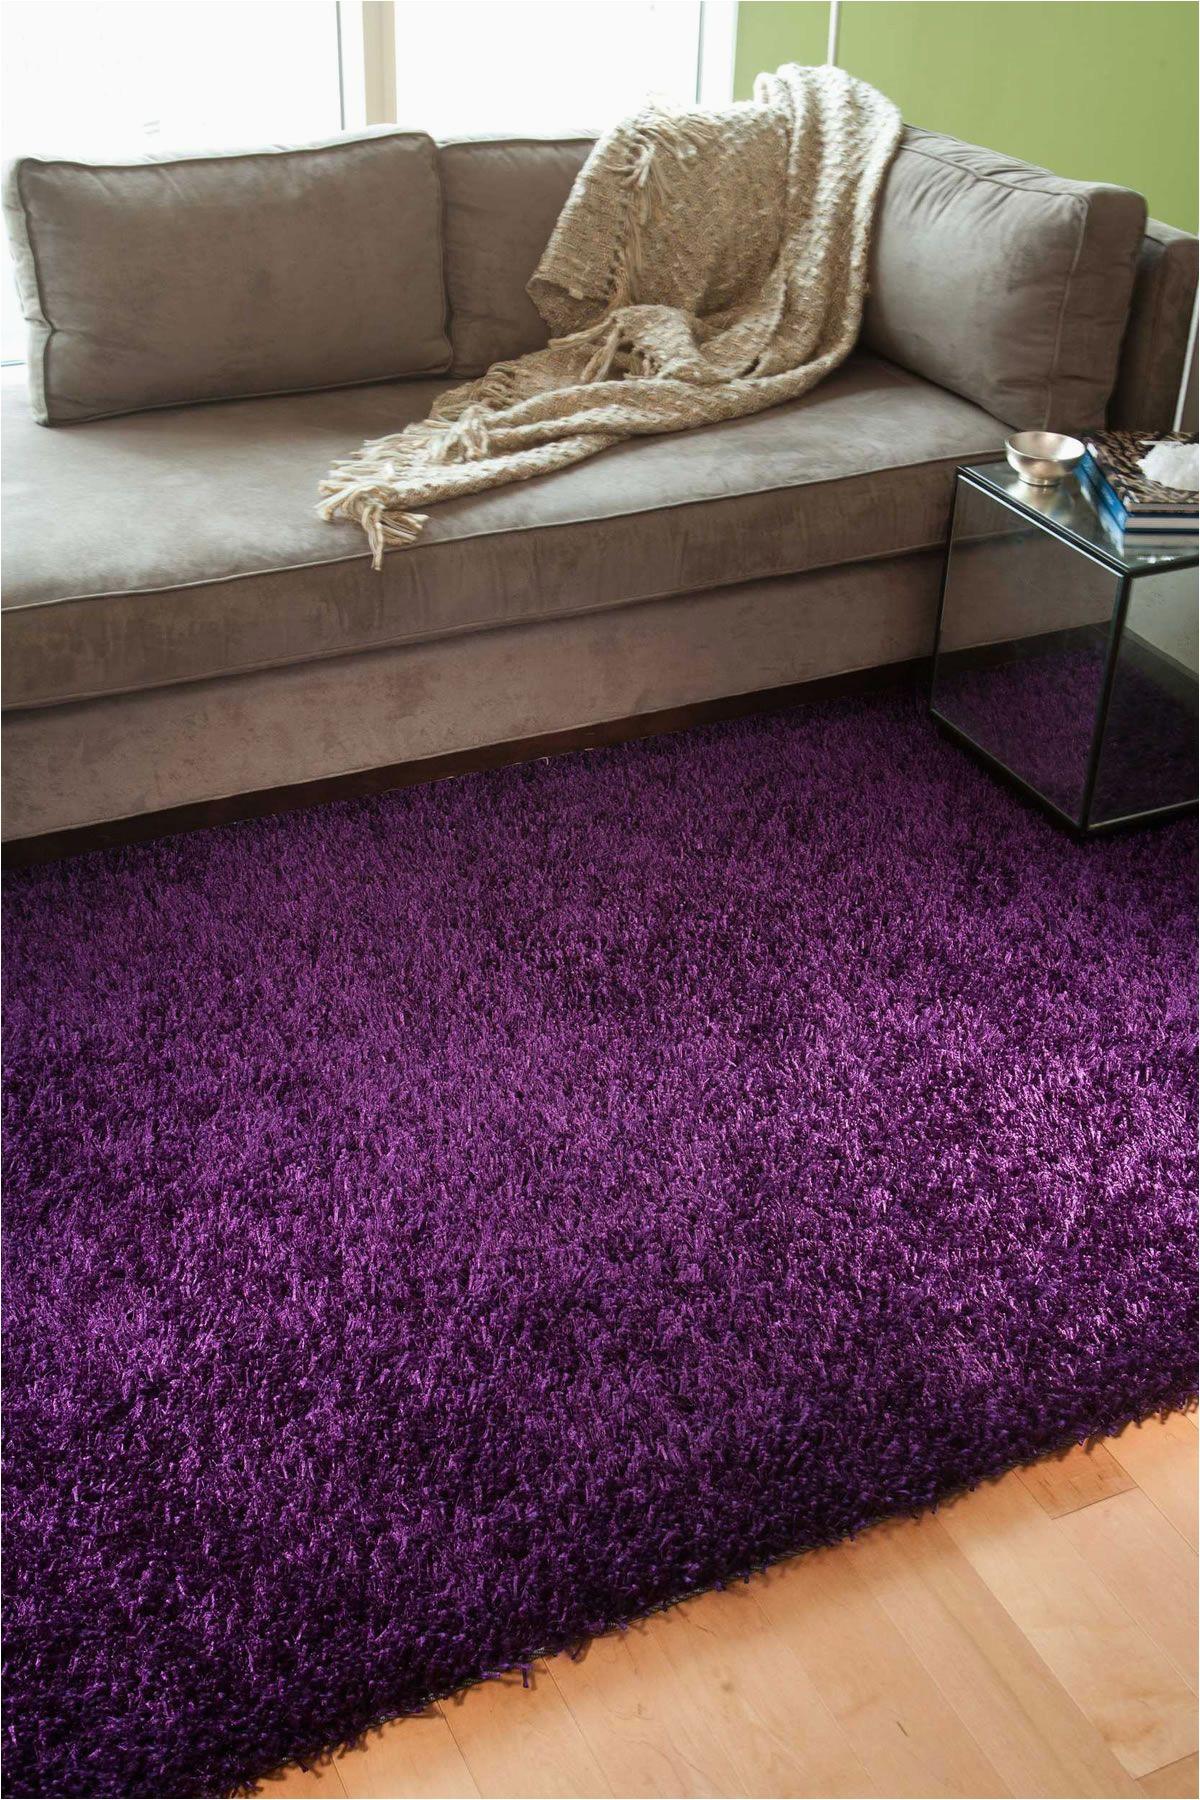 Purple area Rug for Bedroom Jaipur Flux Flux Tulip Purple